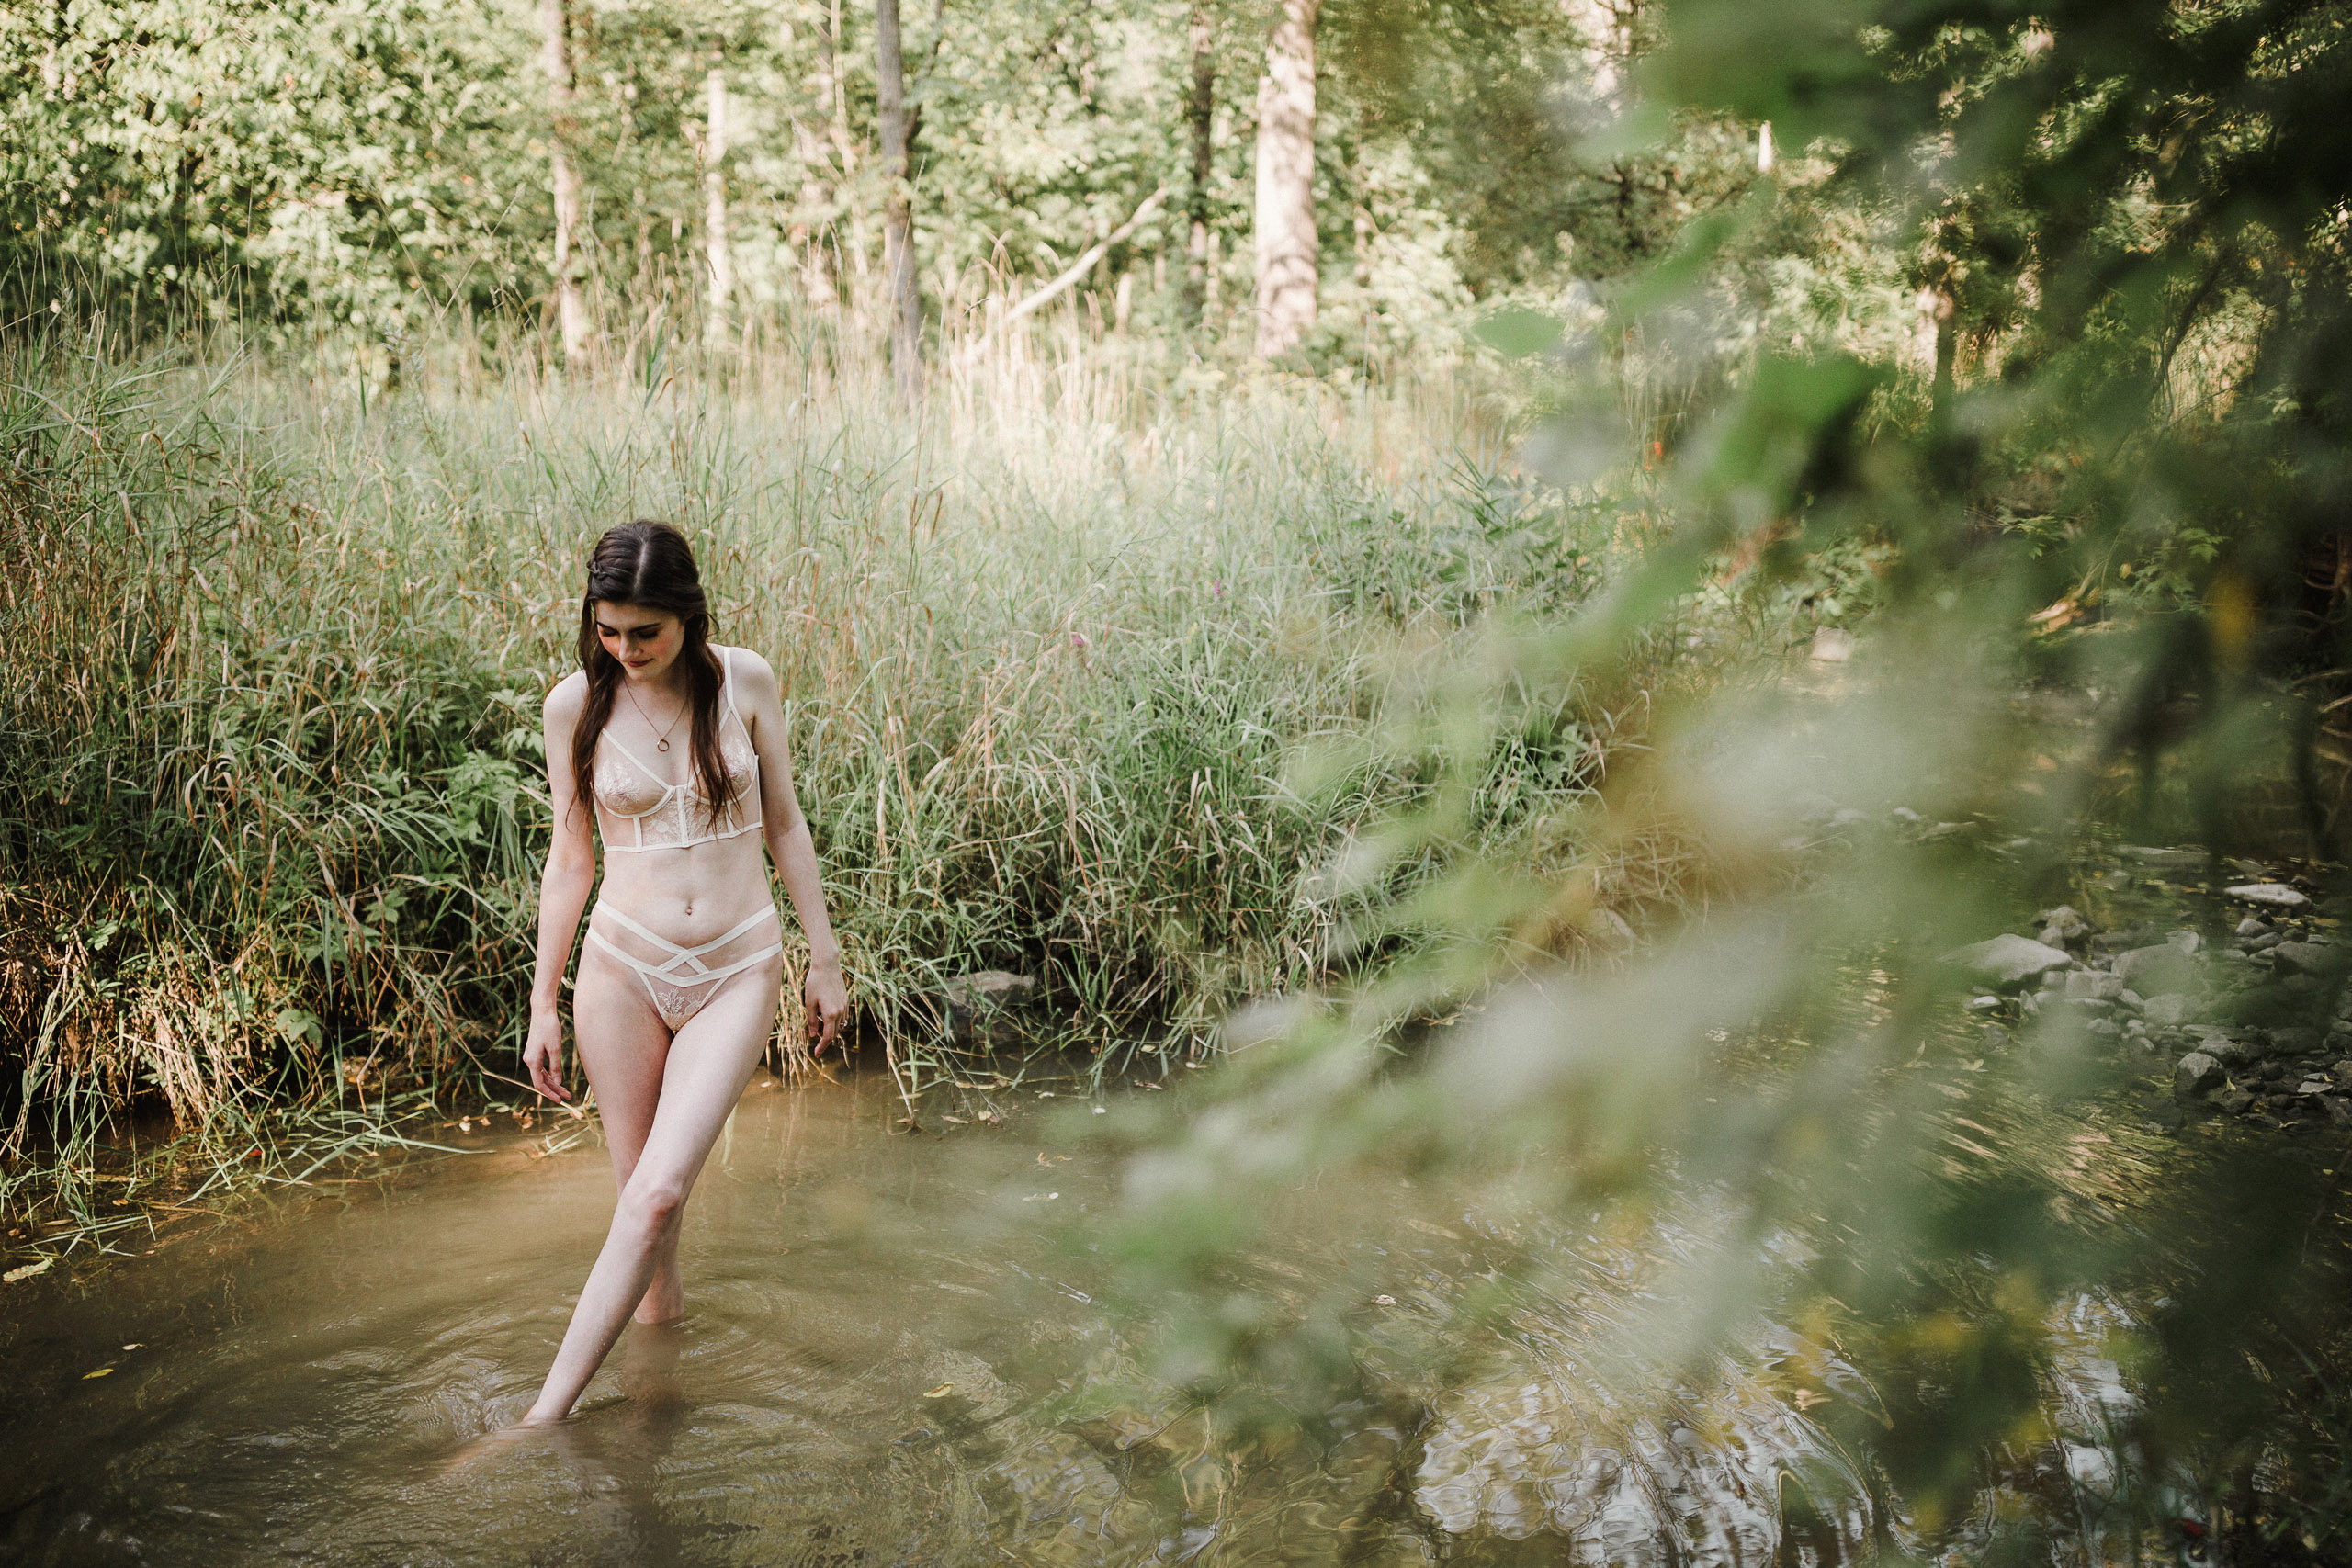 niagara boudoir photographer outdoor body positive